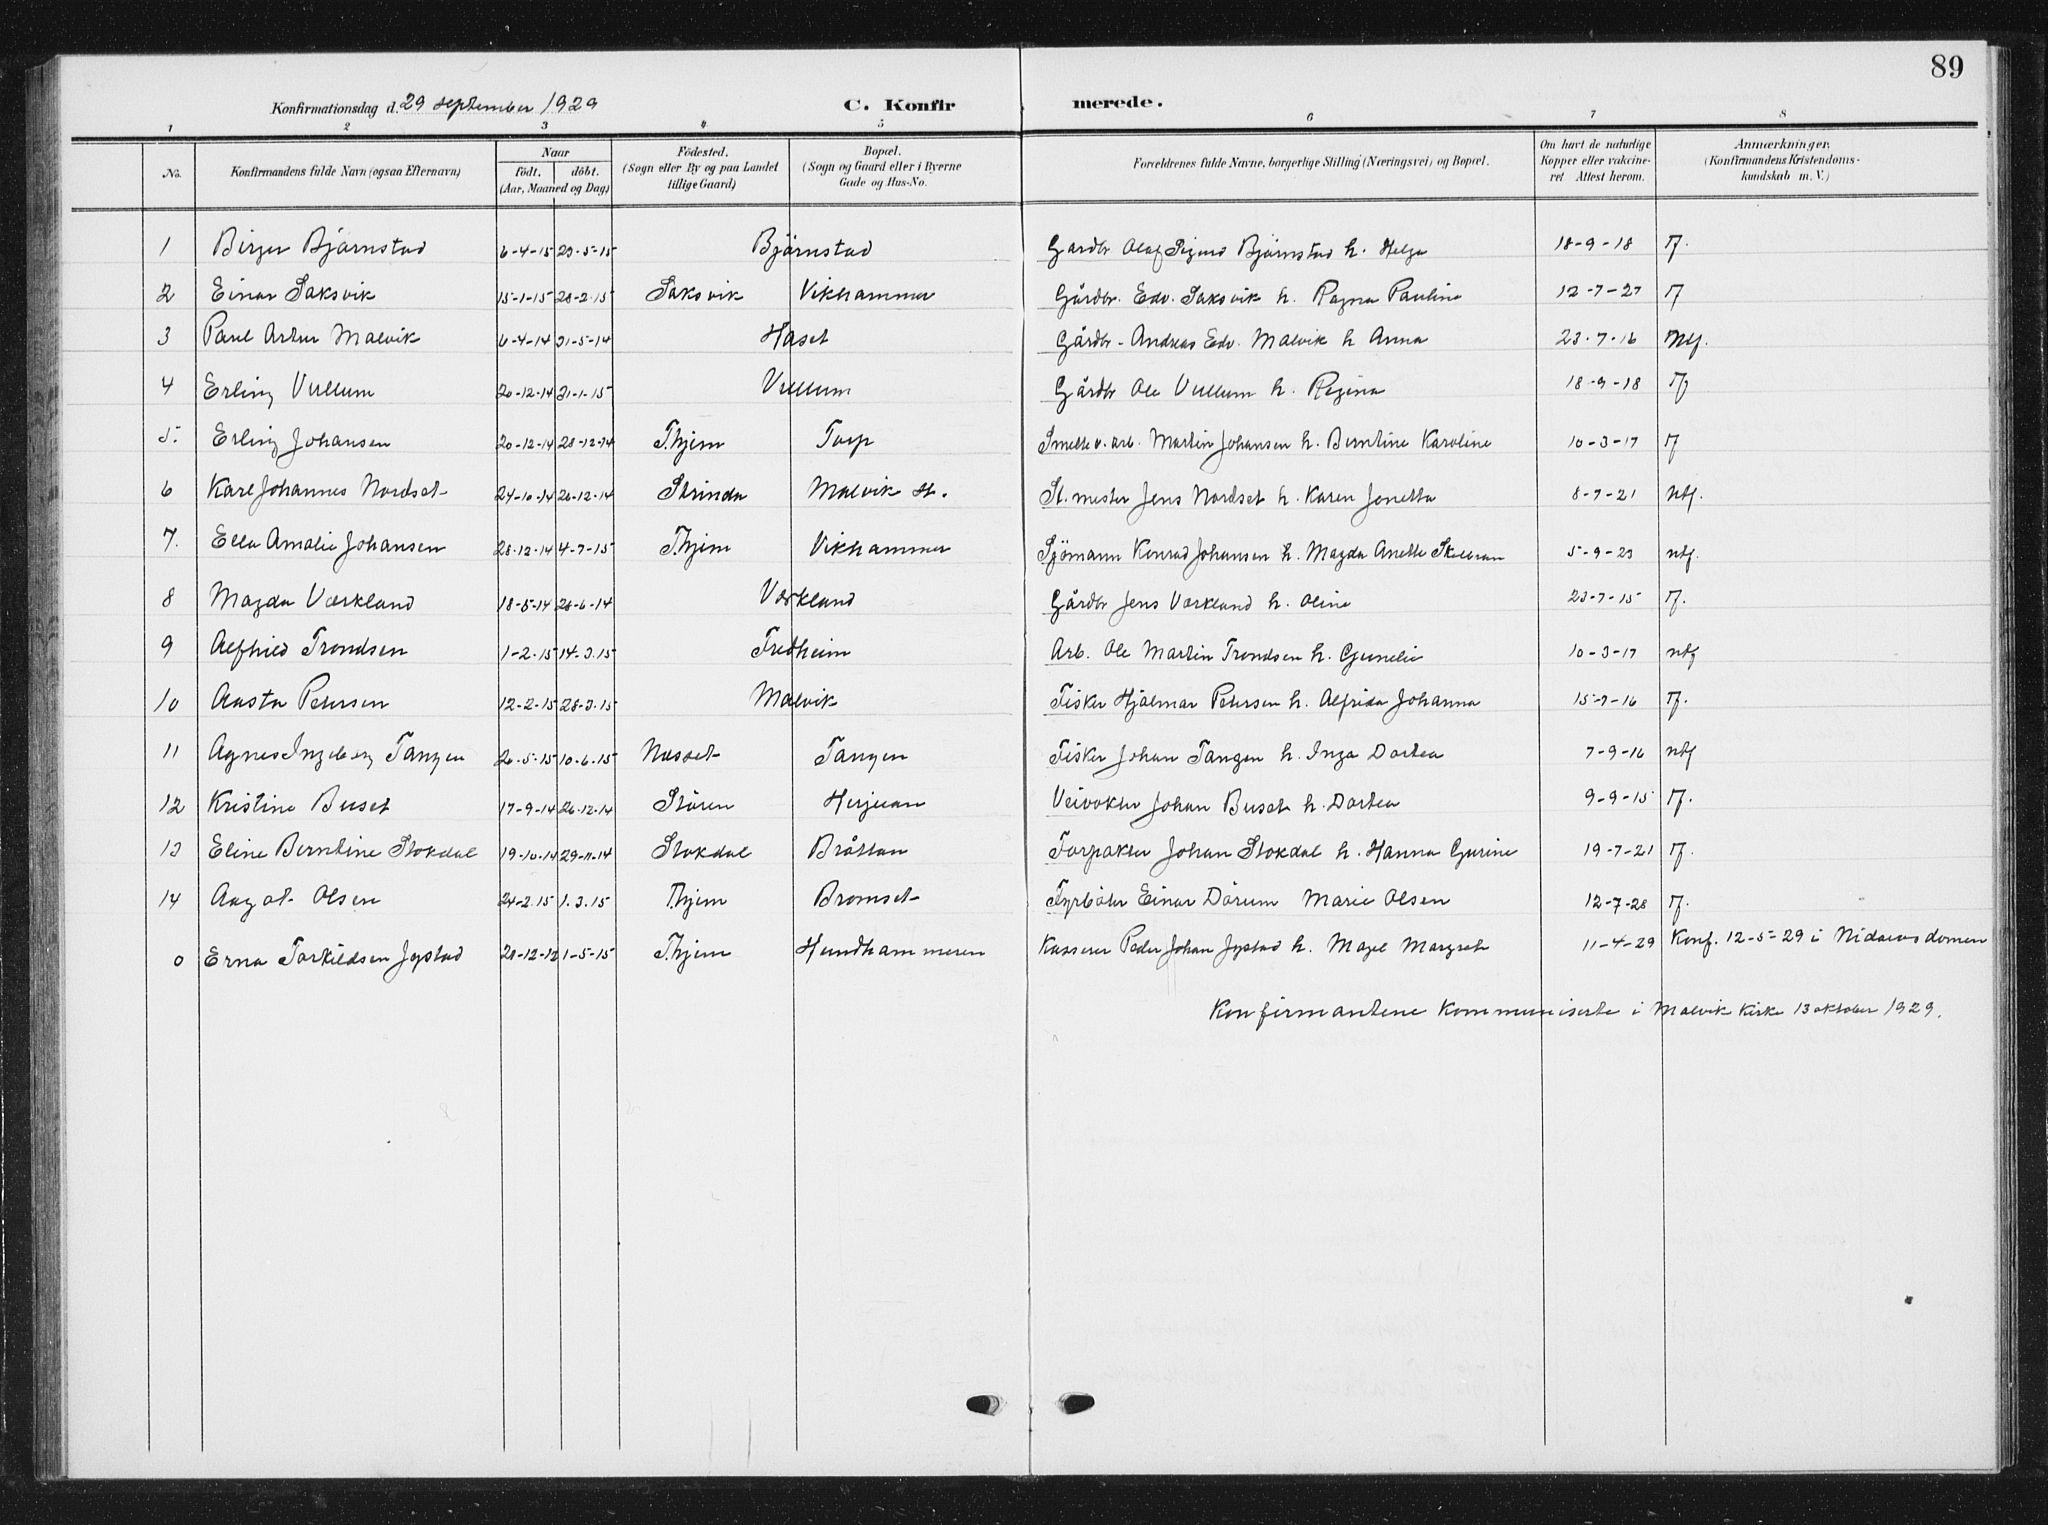 SAT, Ministerialprotokoller, klokkerbøker og fødselsregistre - Sør-Trøndelag, 616/L0424: Klokkerbok nr. 616C07, 1904-1940, s. 89